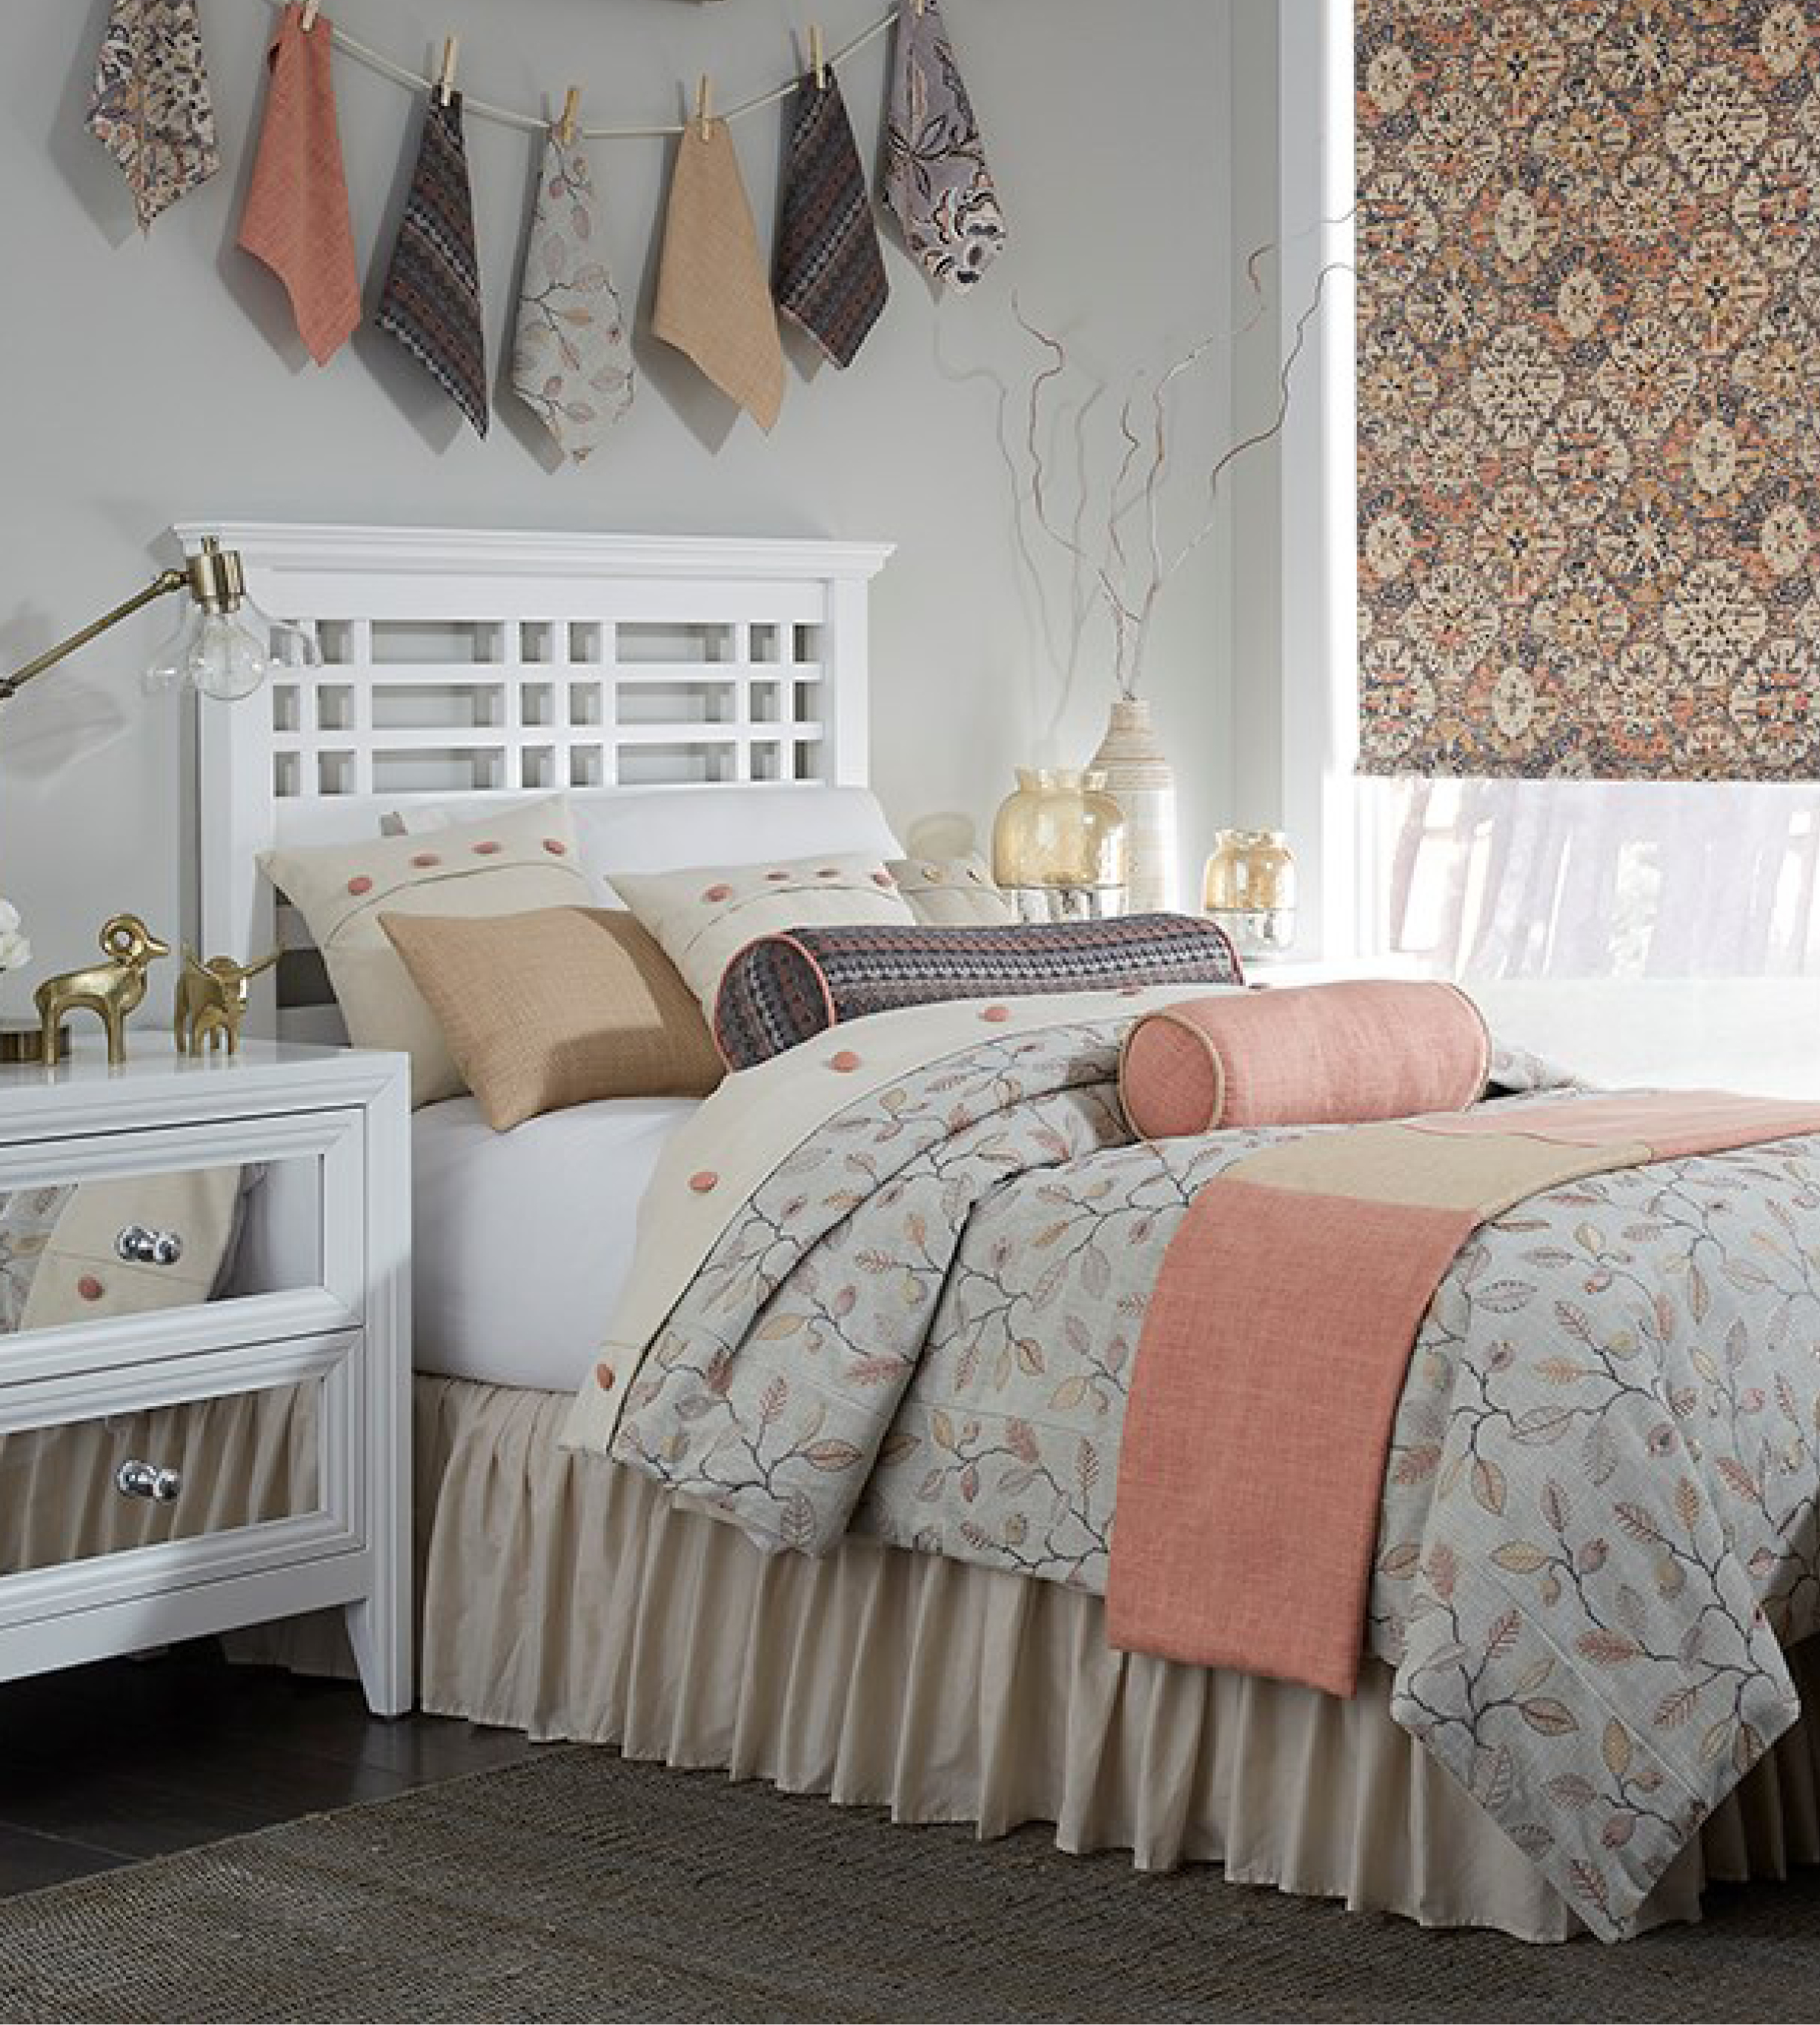 1 bedding.jpg